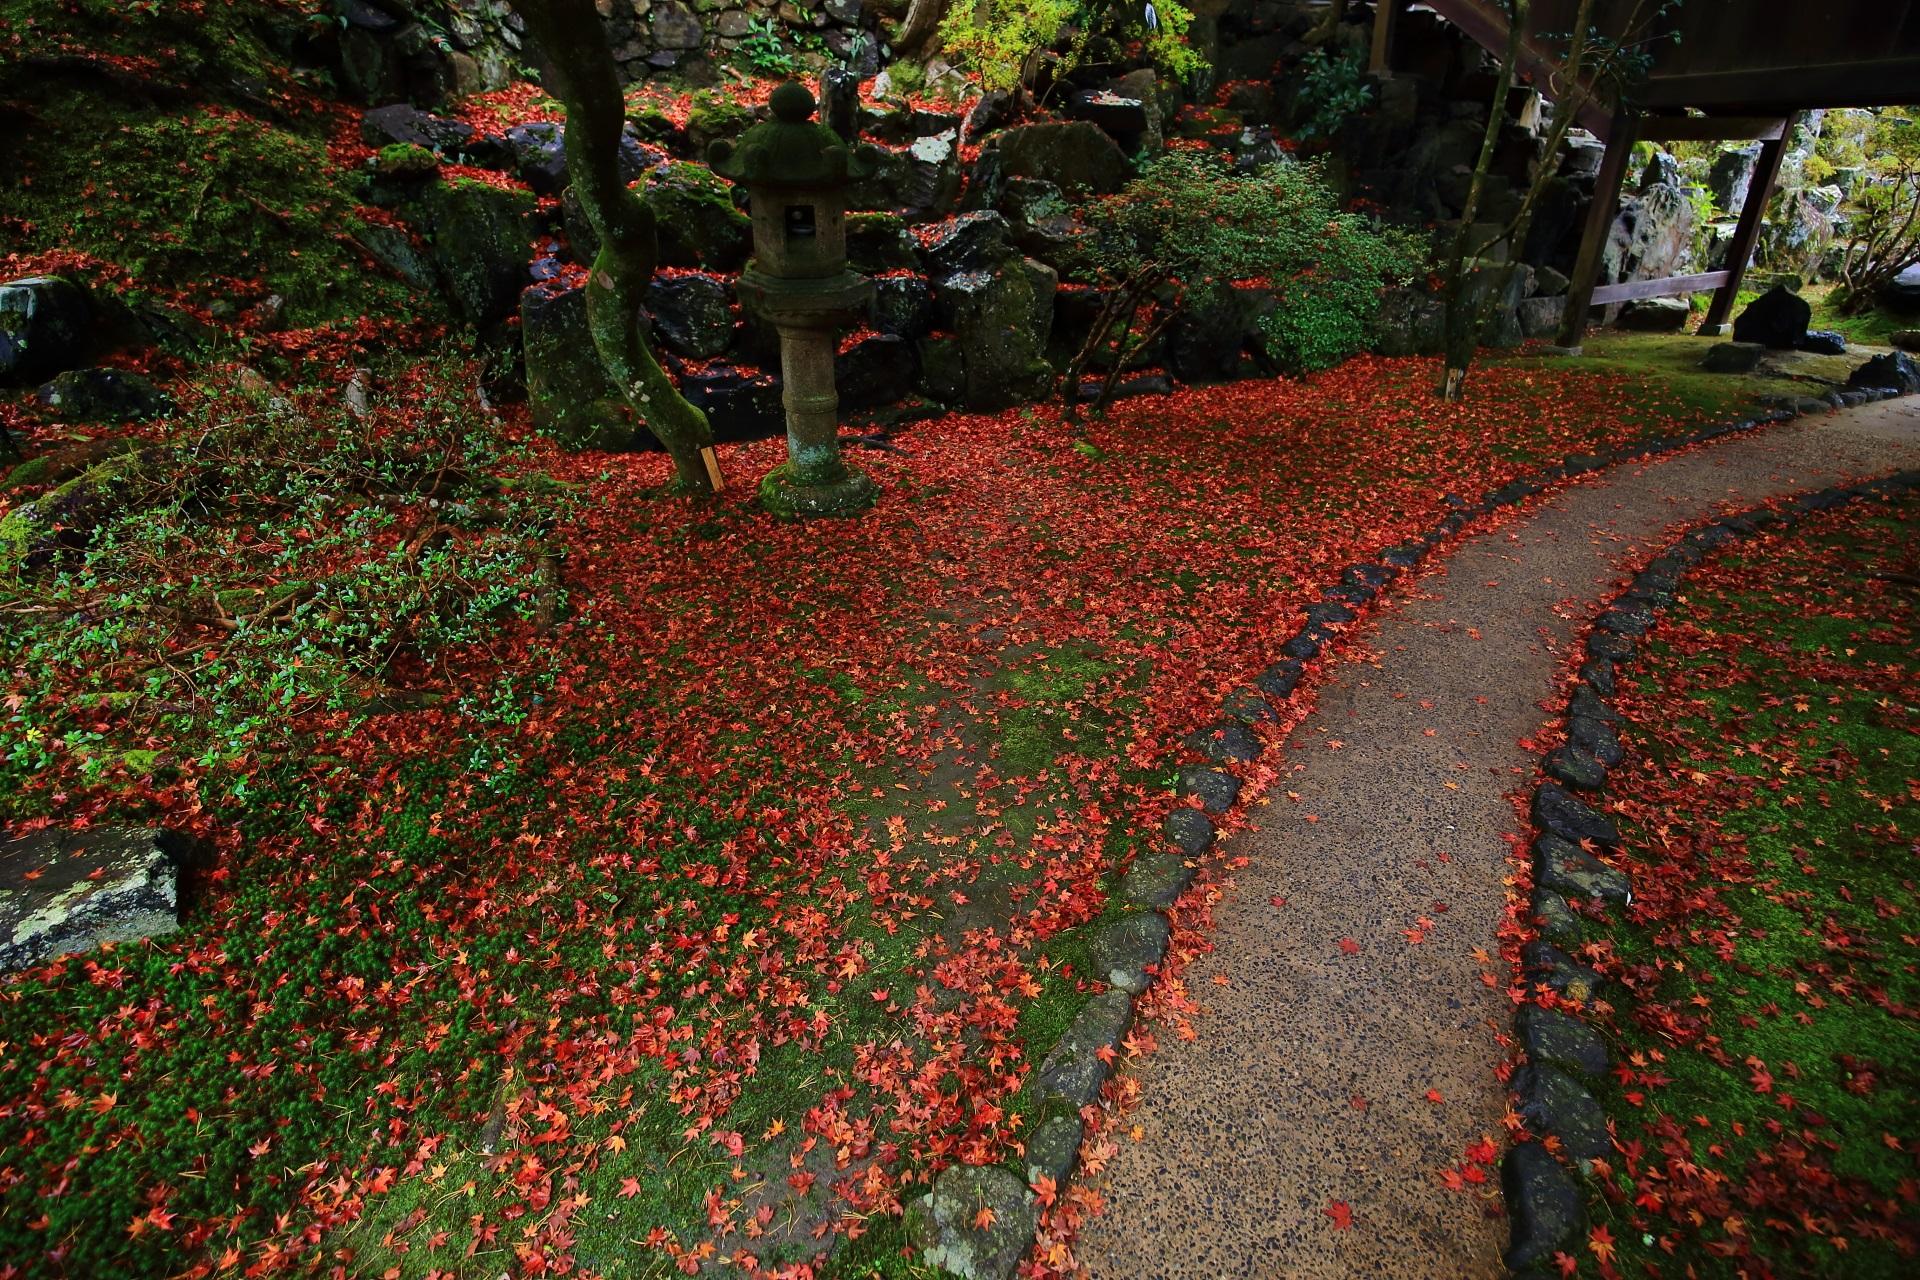 霊鑑寺の回廊付近の参道の散り紅葉